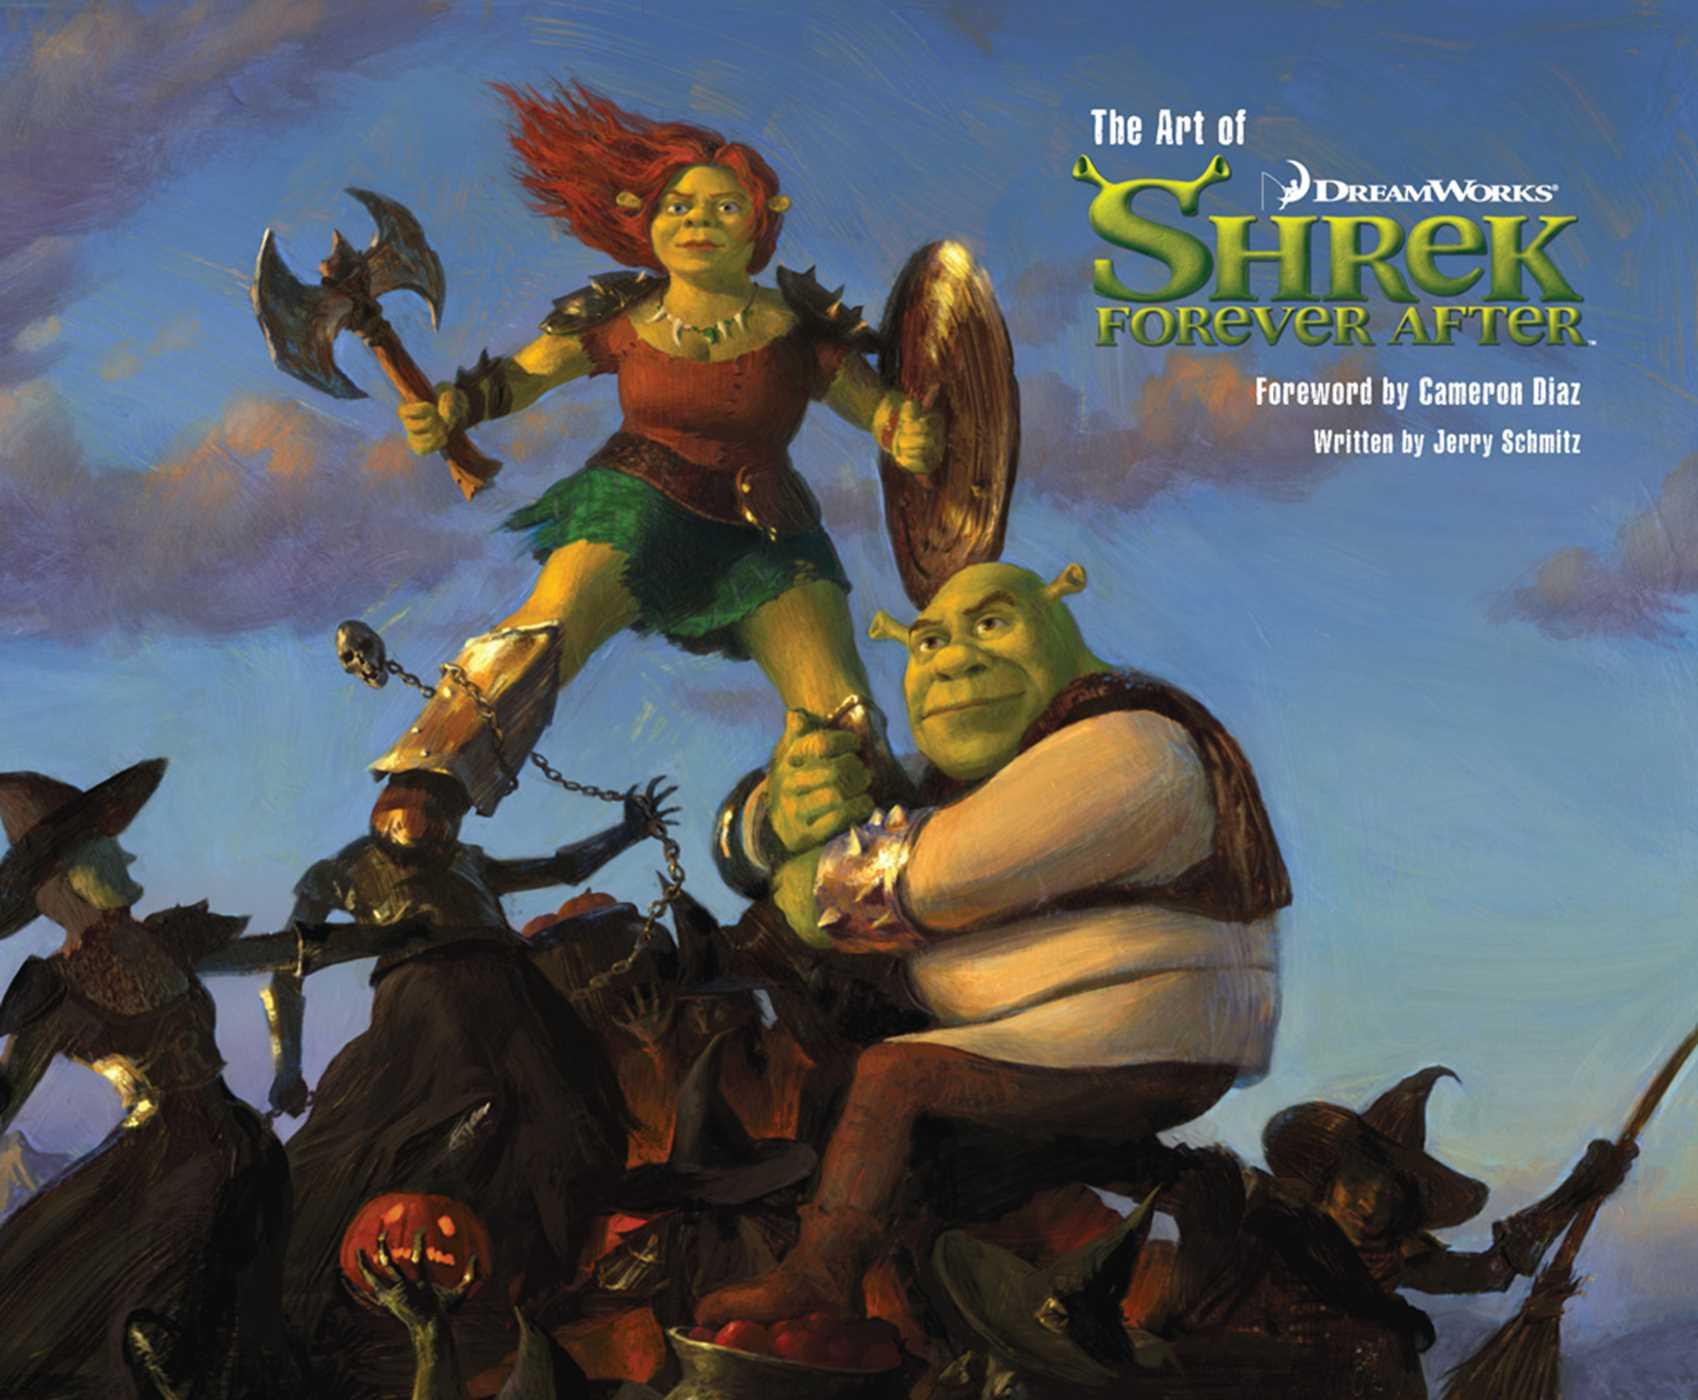 shrek forever after full movie download